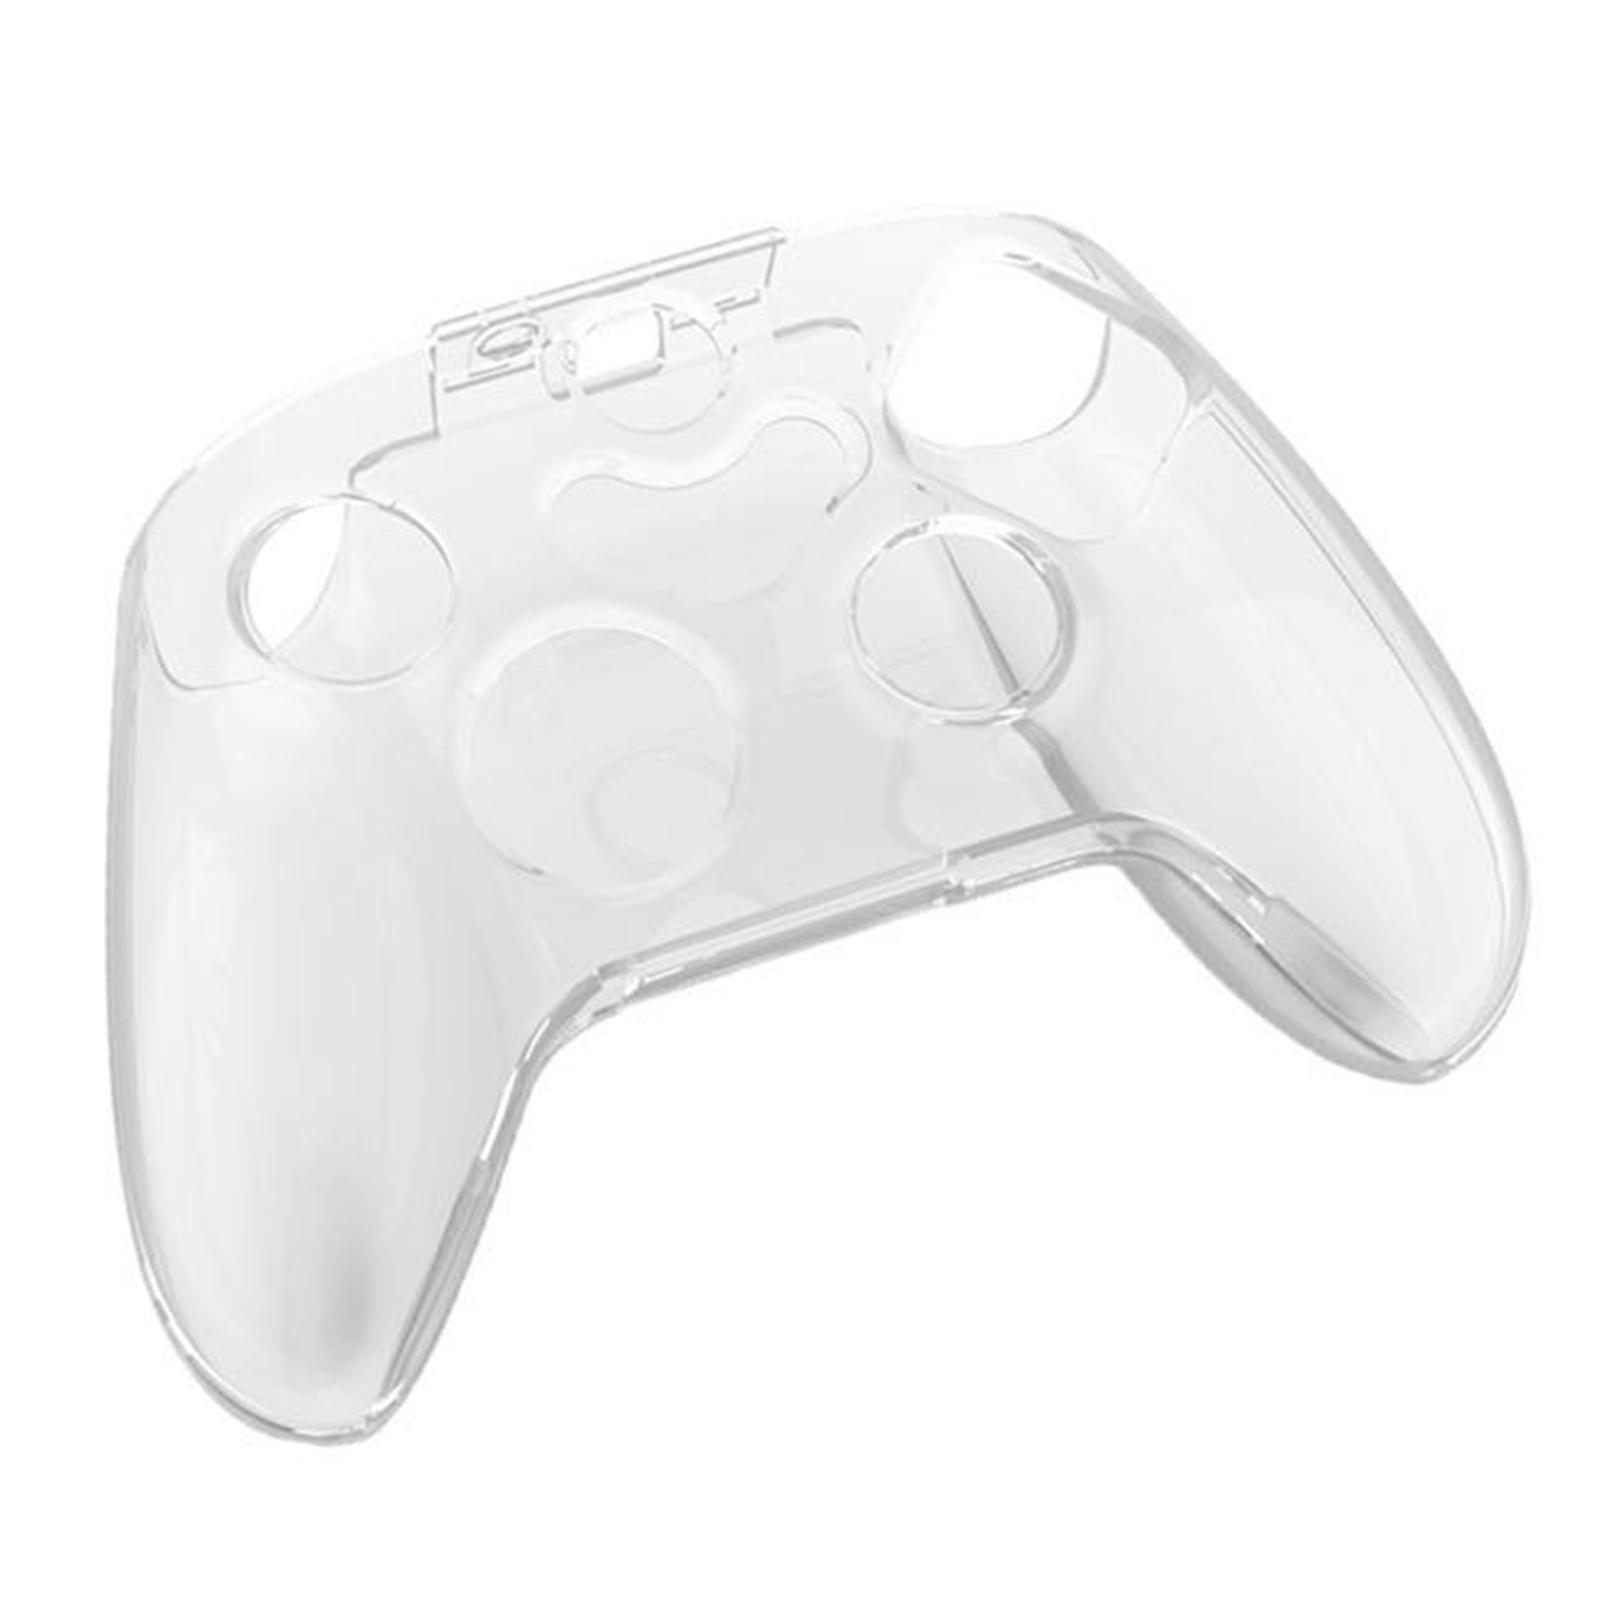 兼容 Xbox Series S X 控制器的保護水晶盒矽膠防震套